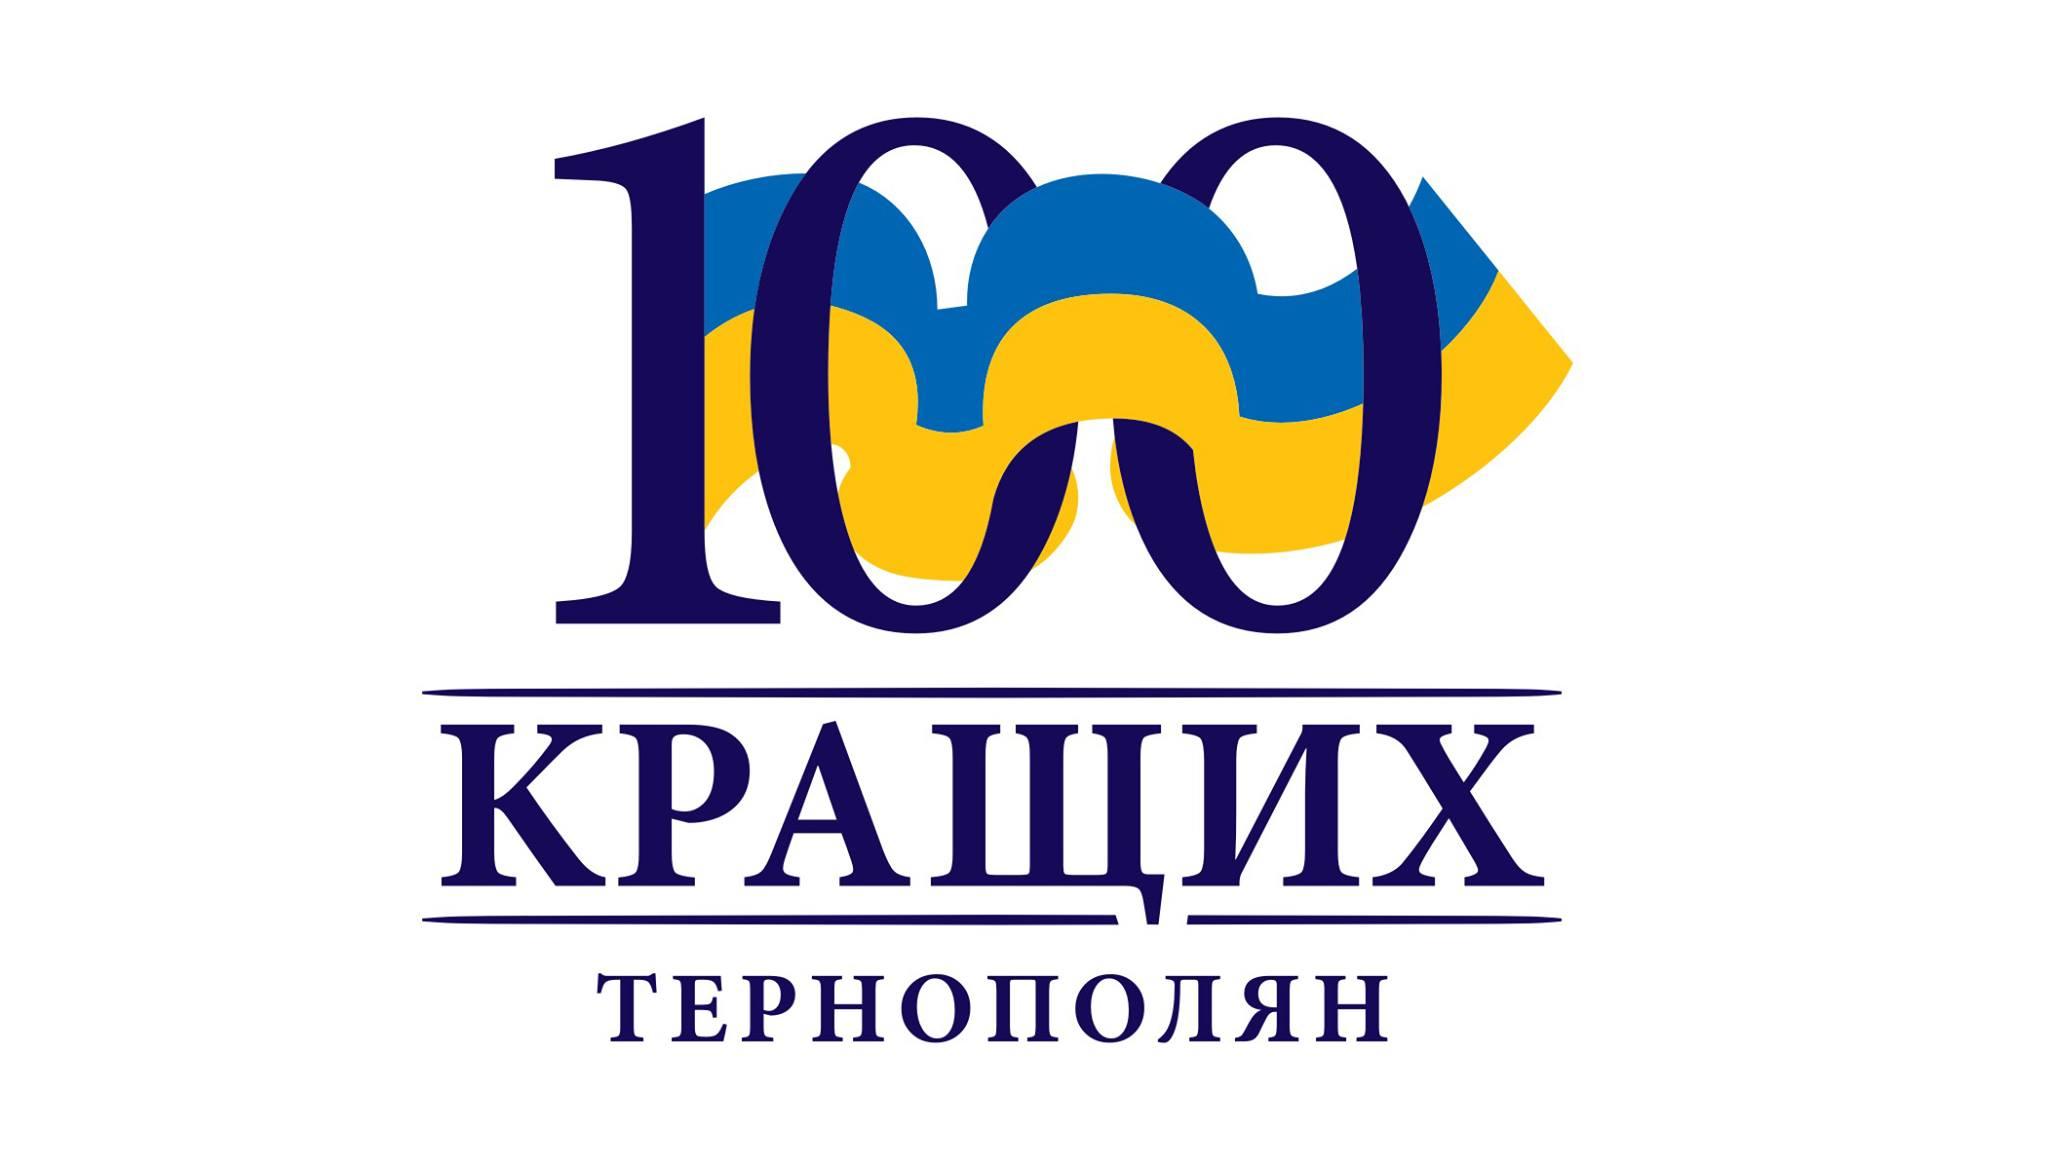 Початок голосування проекту «100 кращих тернополян» перенесено на 24 березня!